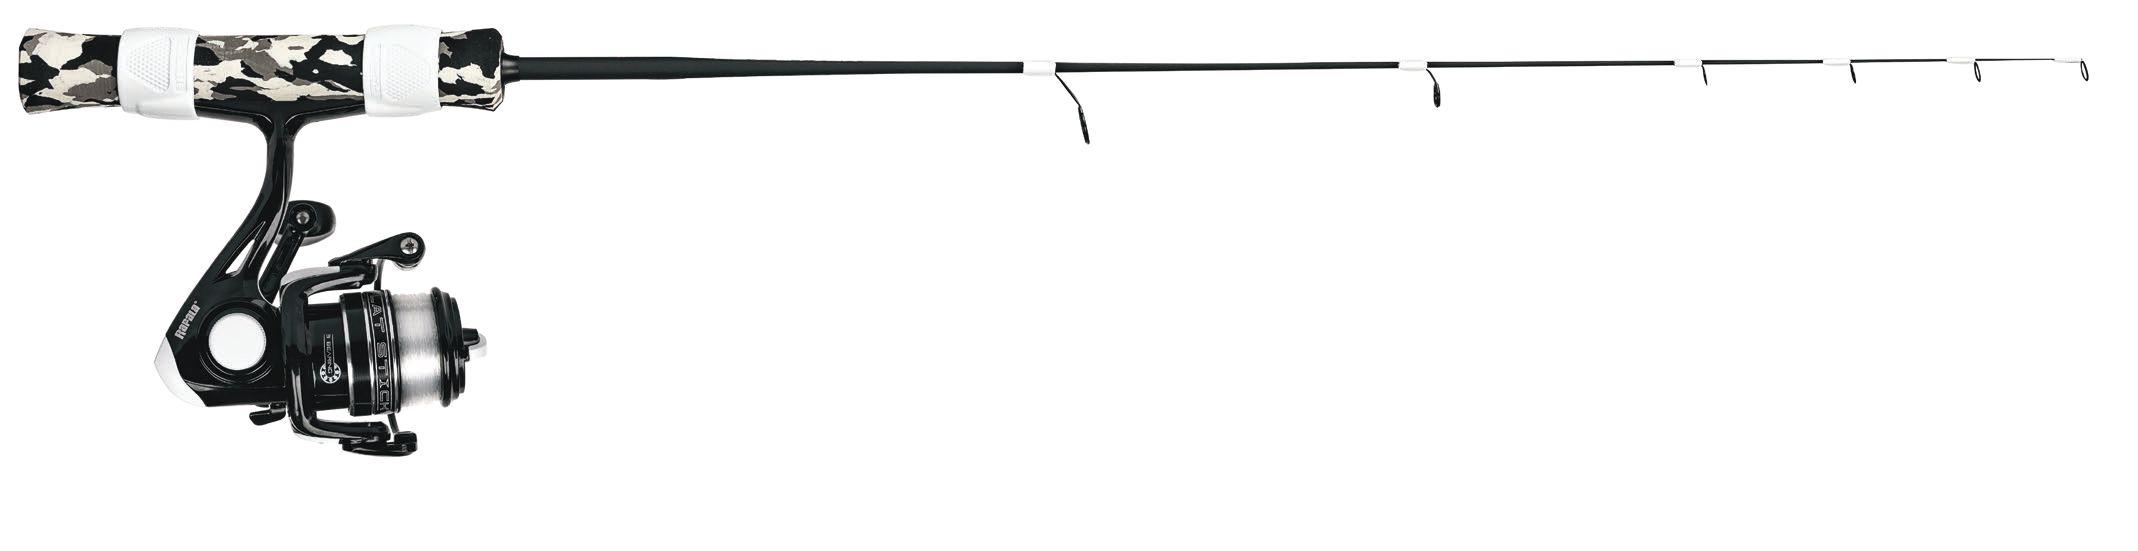 Зимняя удочка RAPALA Flatstick Medium Heavy c безынерционной катушкой и намотанной леской Sufix Ice 71см (+ Леска в подарок!) цена 2017